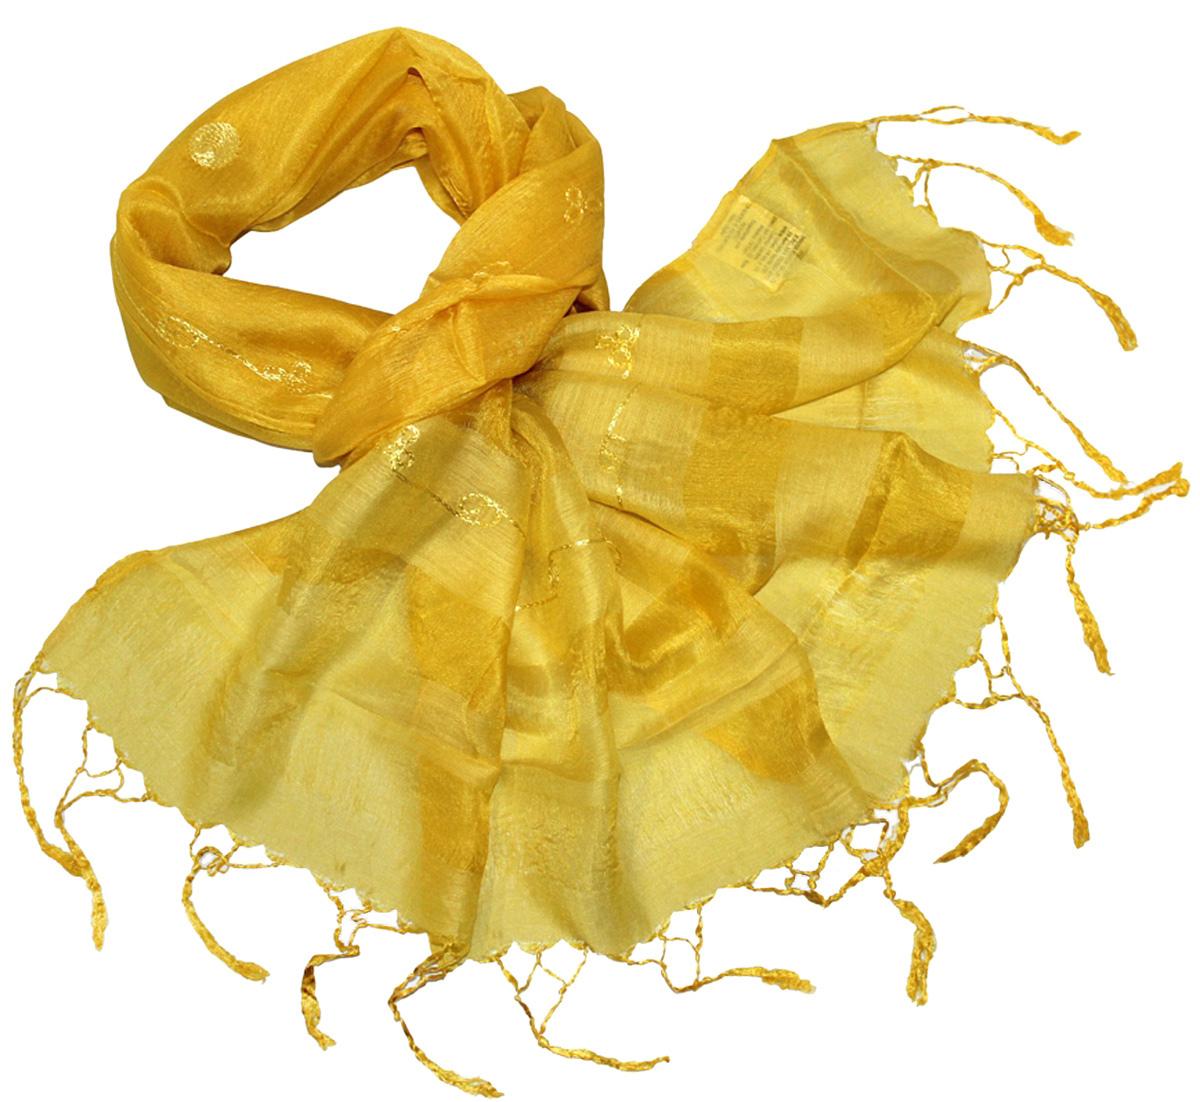 Шарф женский Ethnica, цвет: лимонный. 916225. Размер 55 см х 180 см916225Женский шарф Ethnica, изготовленный из 100% шелка, подчеркнет вашу индивидуальность. Благодаря своему составу, он легкий, мягкий и приятный на ощупь. Изделие оформлено оригинальным орнаментом.Такой аксессуар станет стильным дополнением к гардеробу современной женщины.